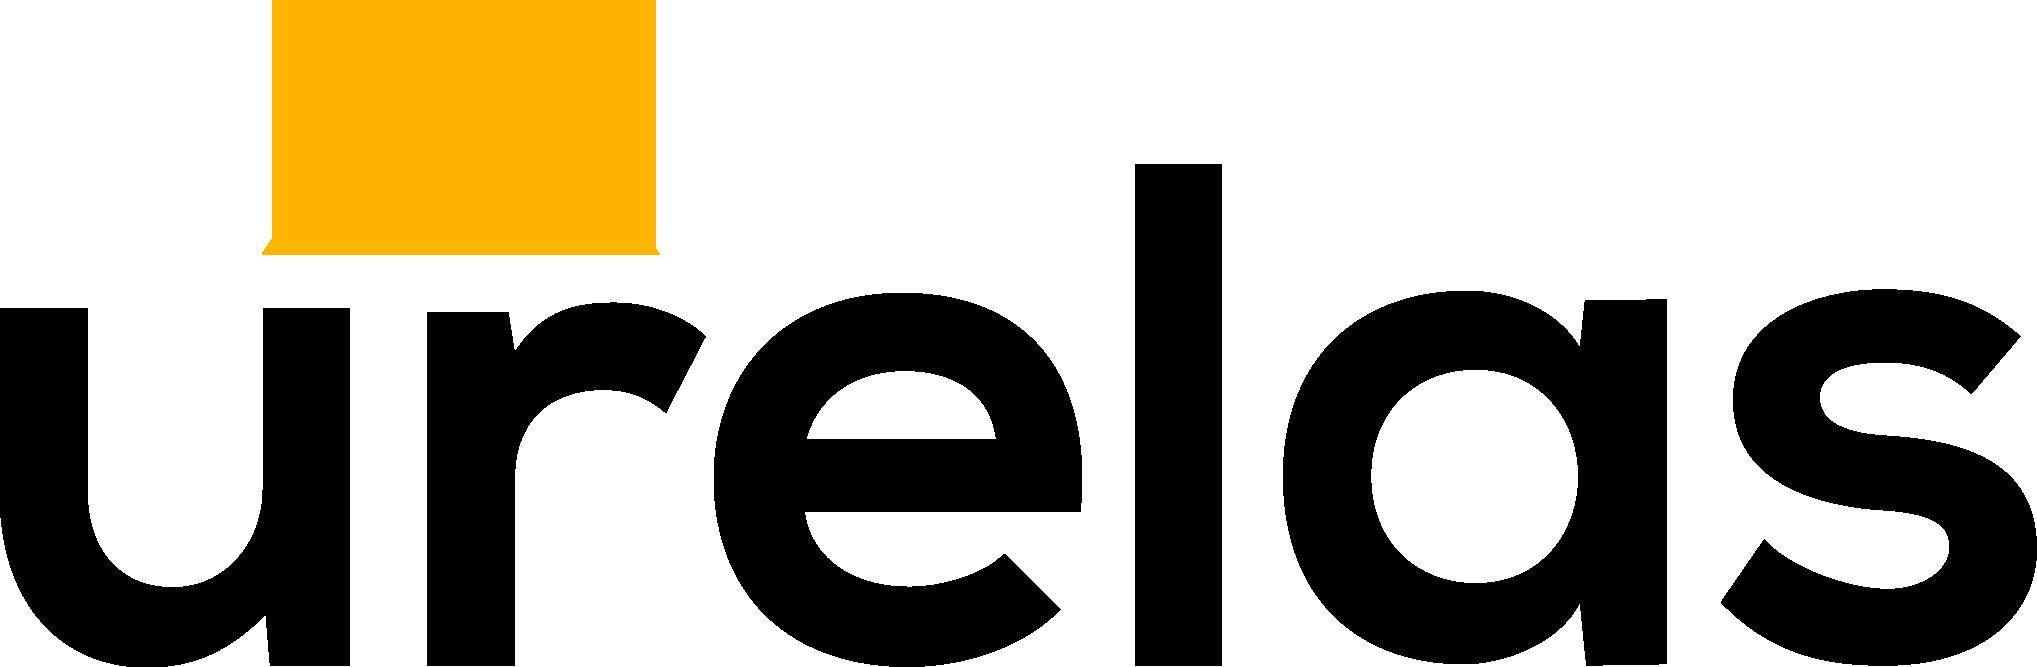 Urelas